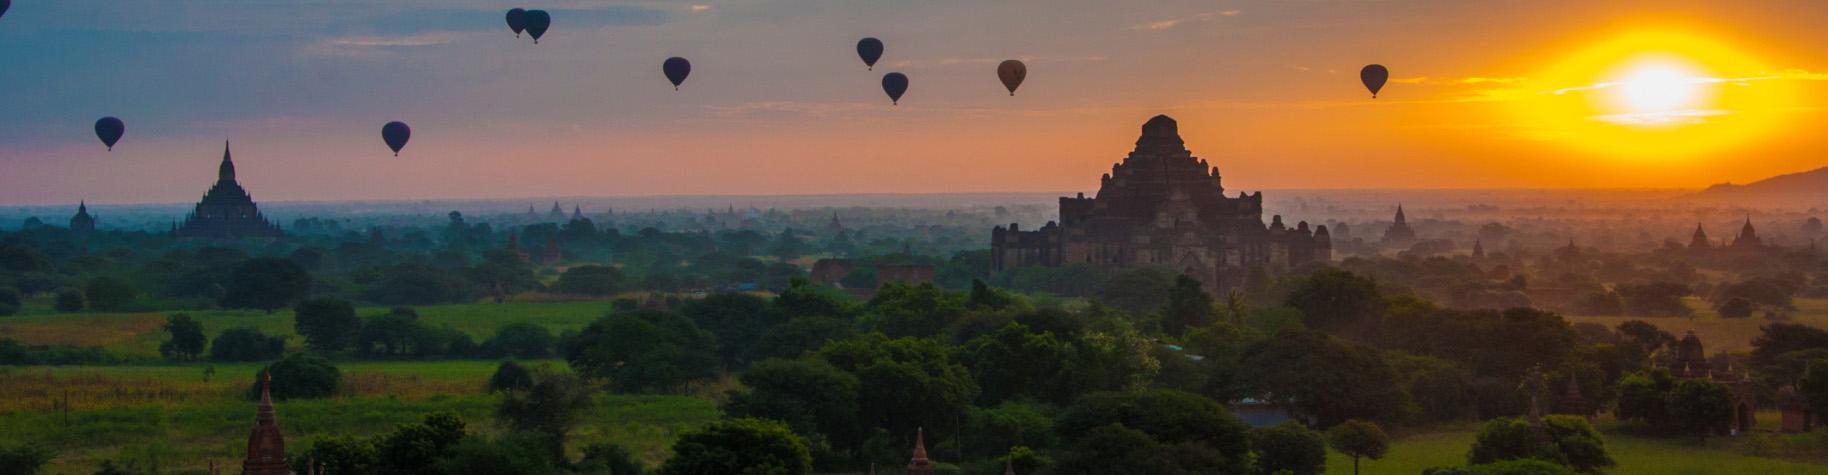 De magische tempels van Bagan